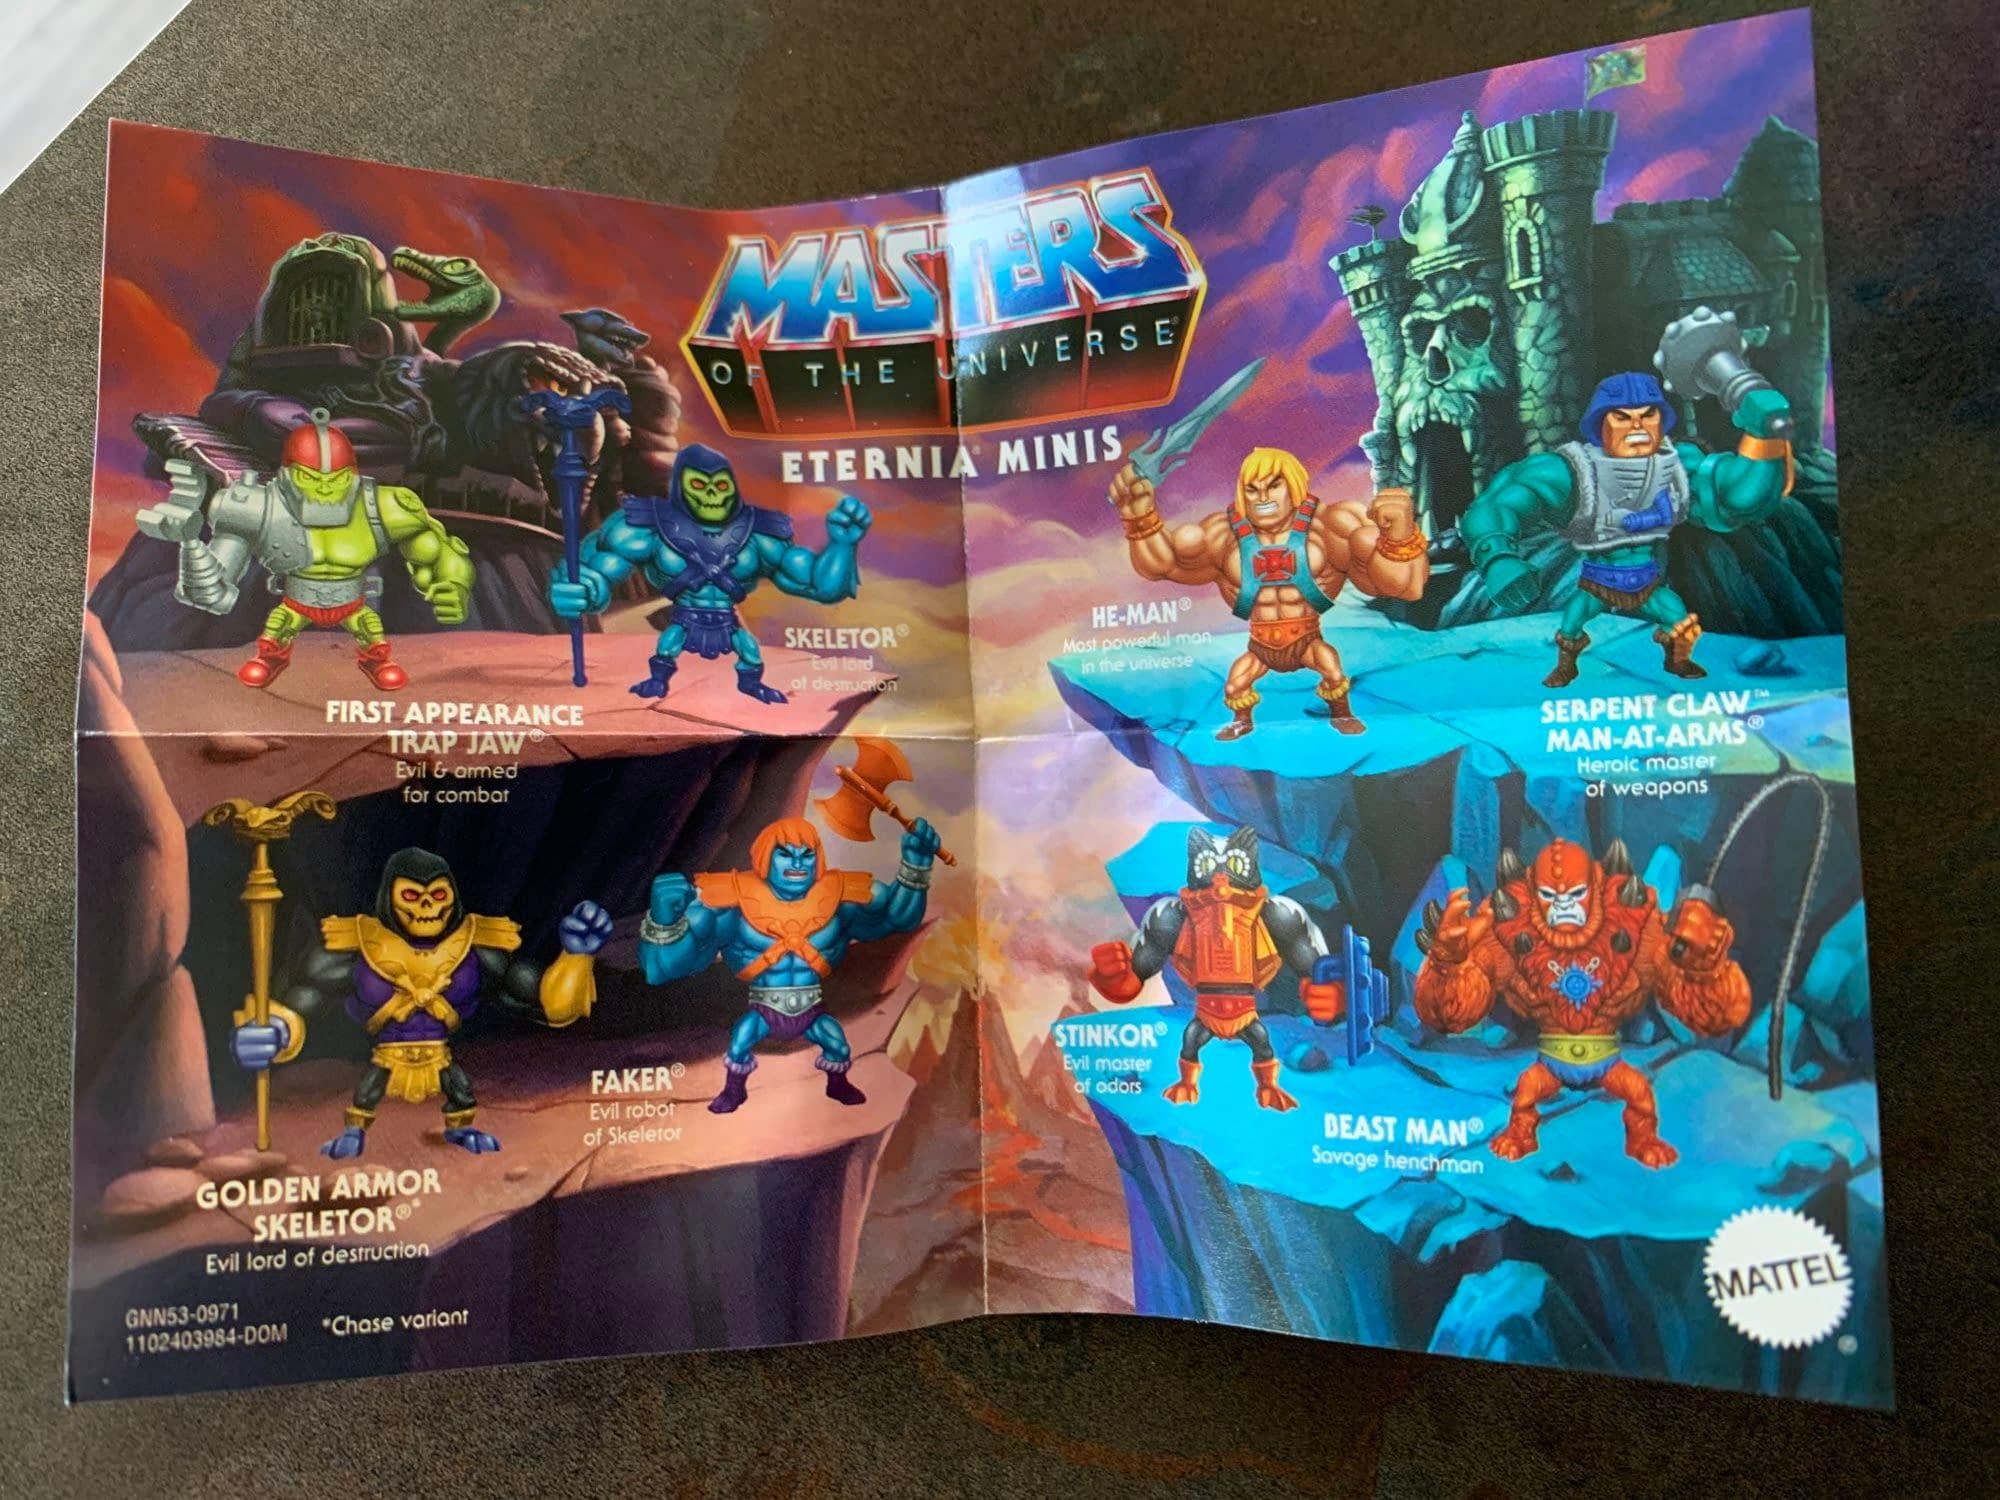 Maîtres de l/'univers Eternia minis Wave 2 Faker Masters of the Universe Mattel Scellé